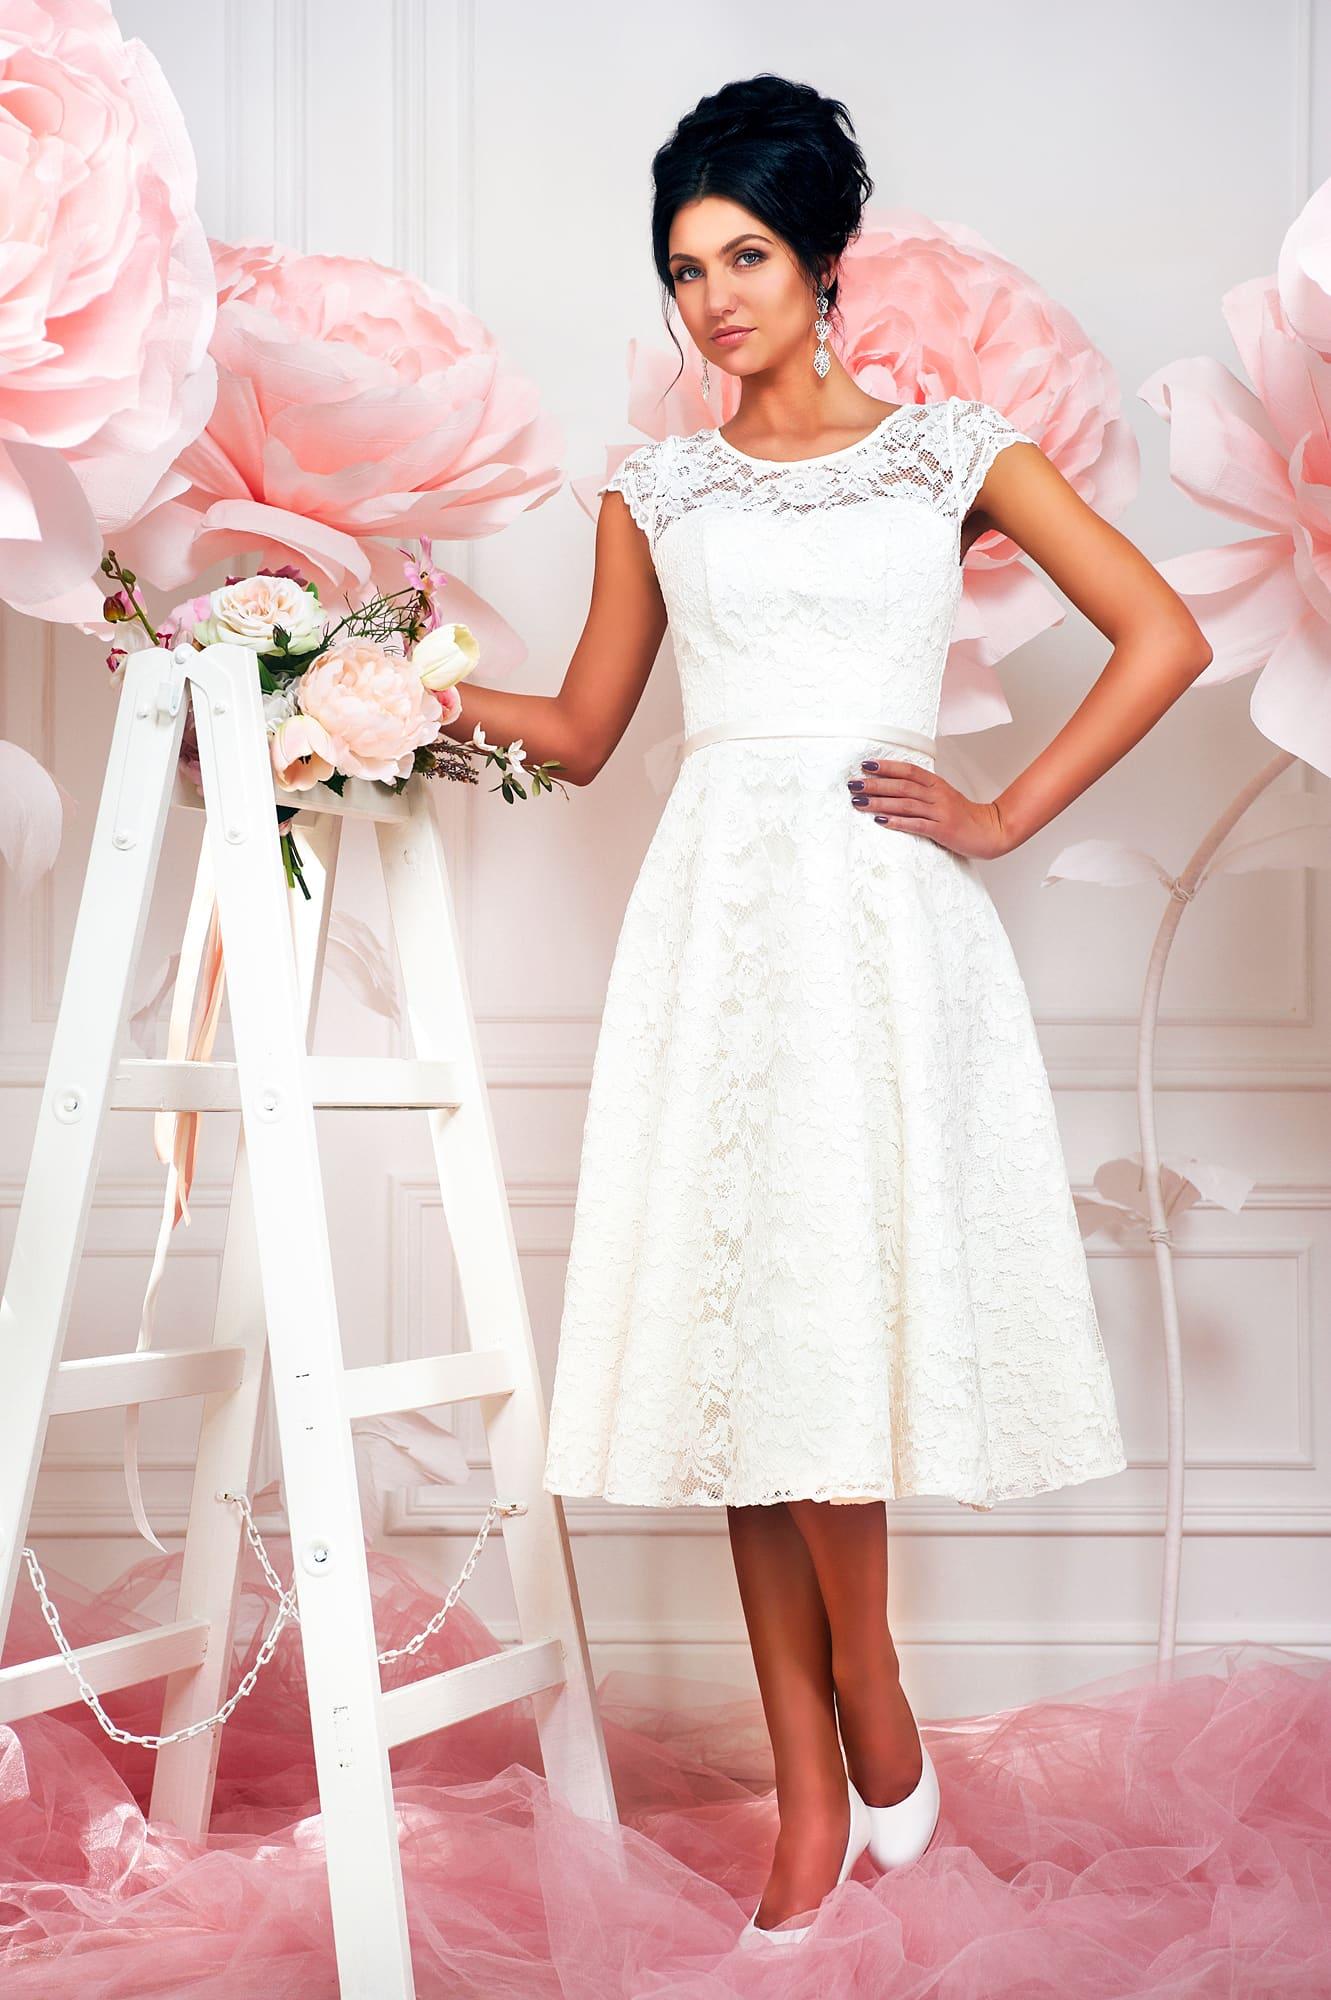 299238fa2bd Кружевное свадебное платье с элегантной юбкой чуть ниже колена длиной.